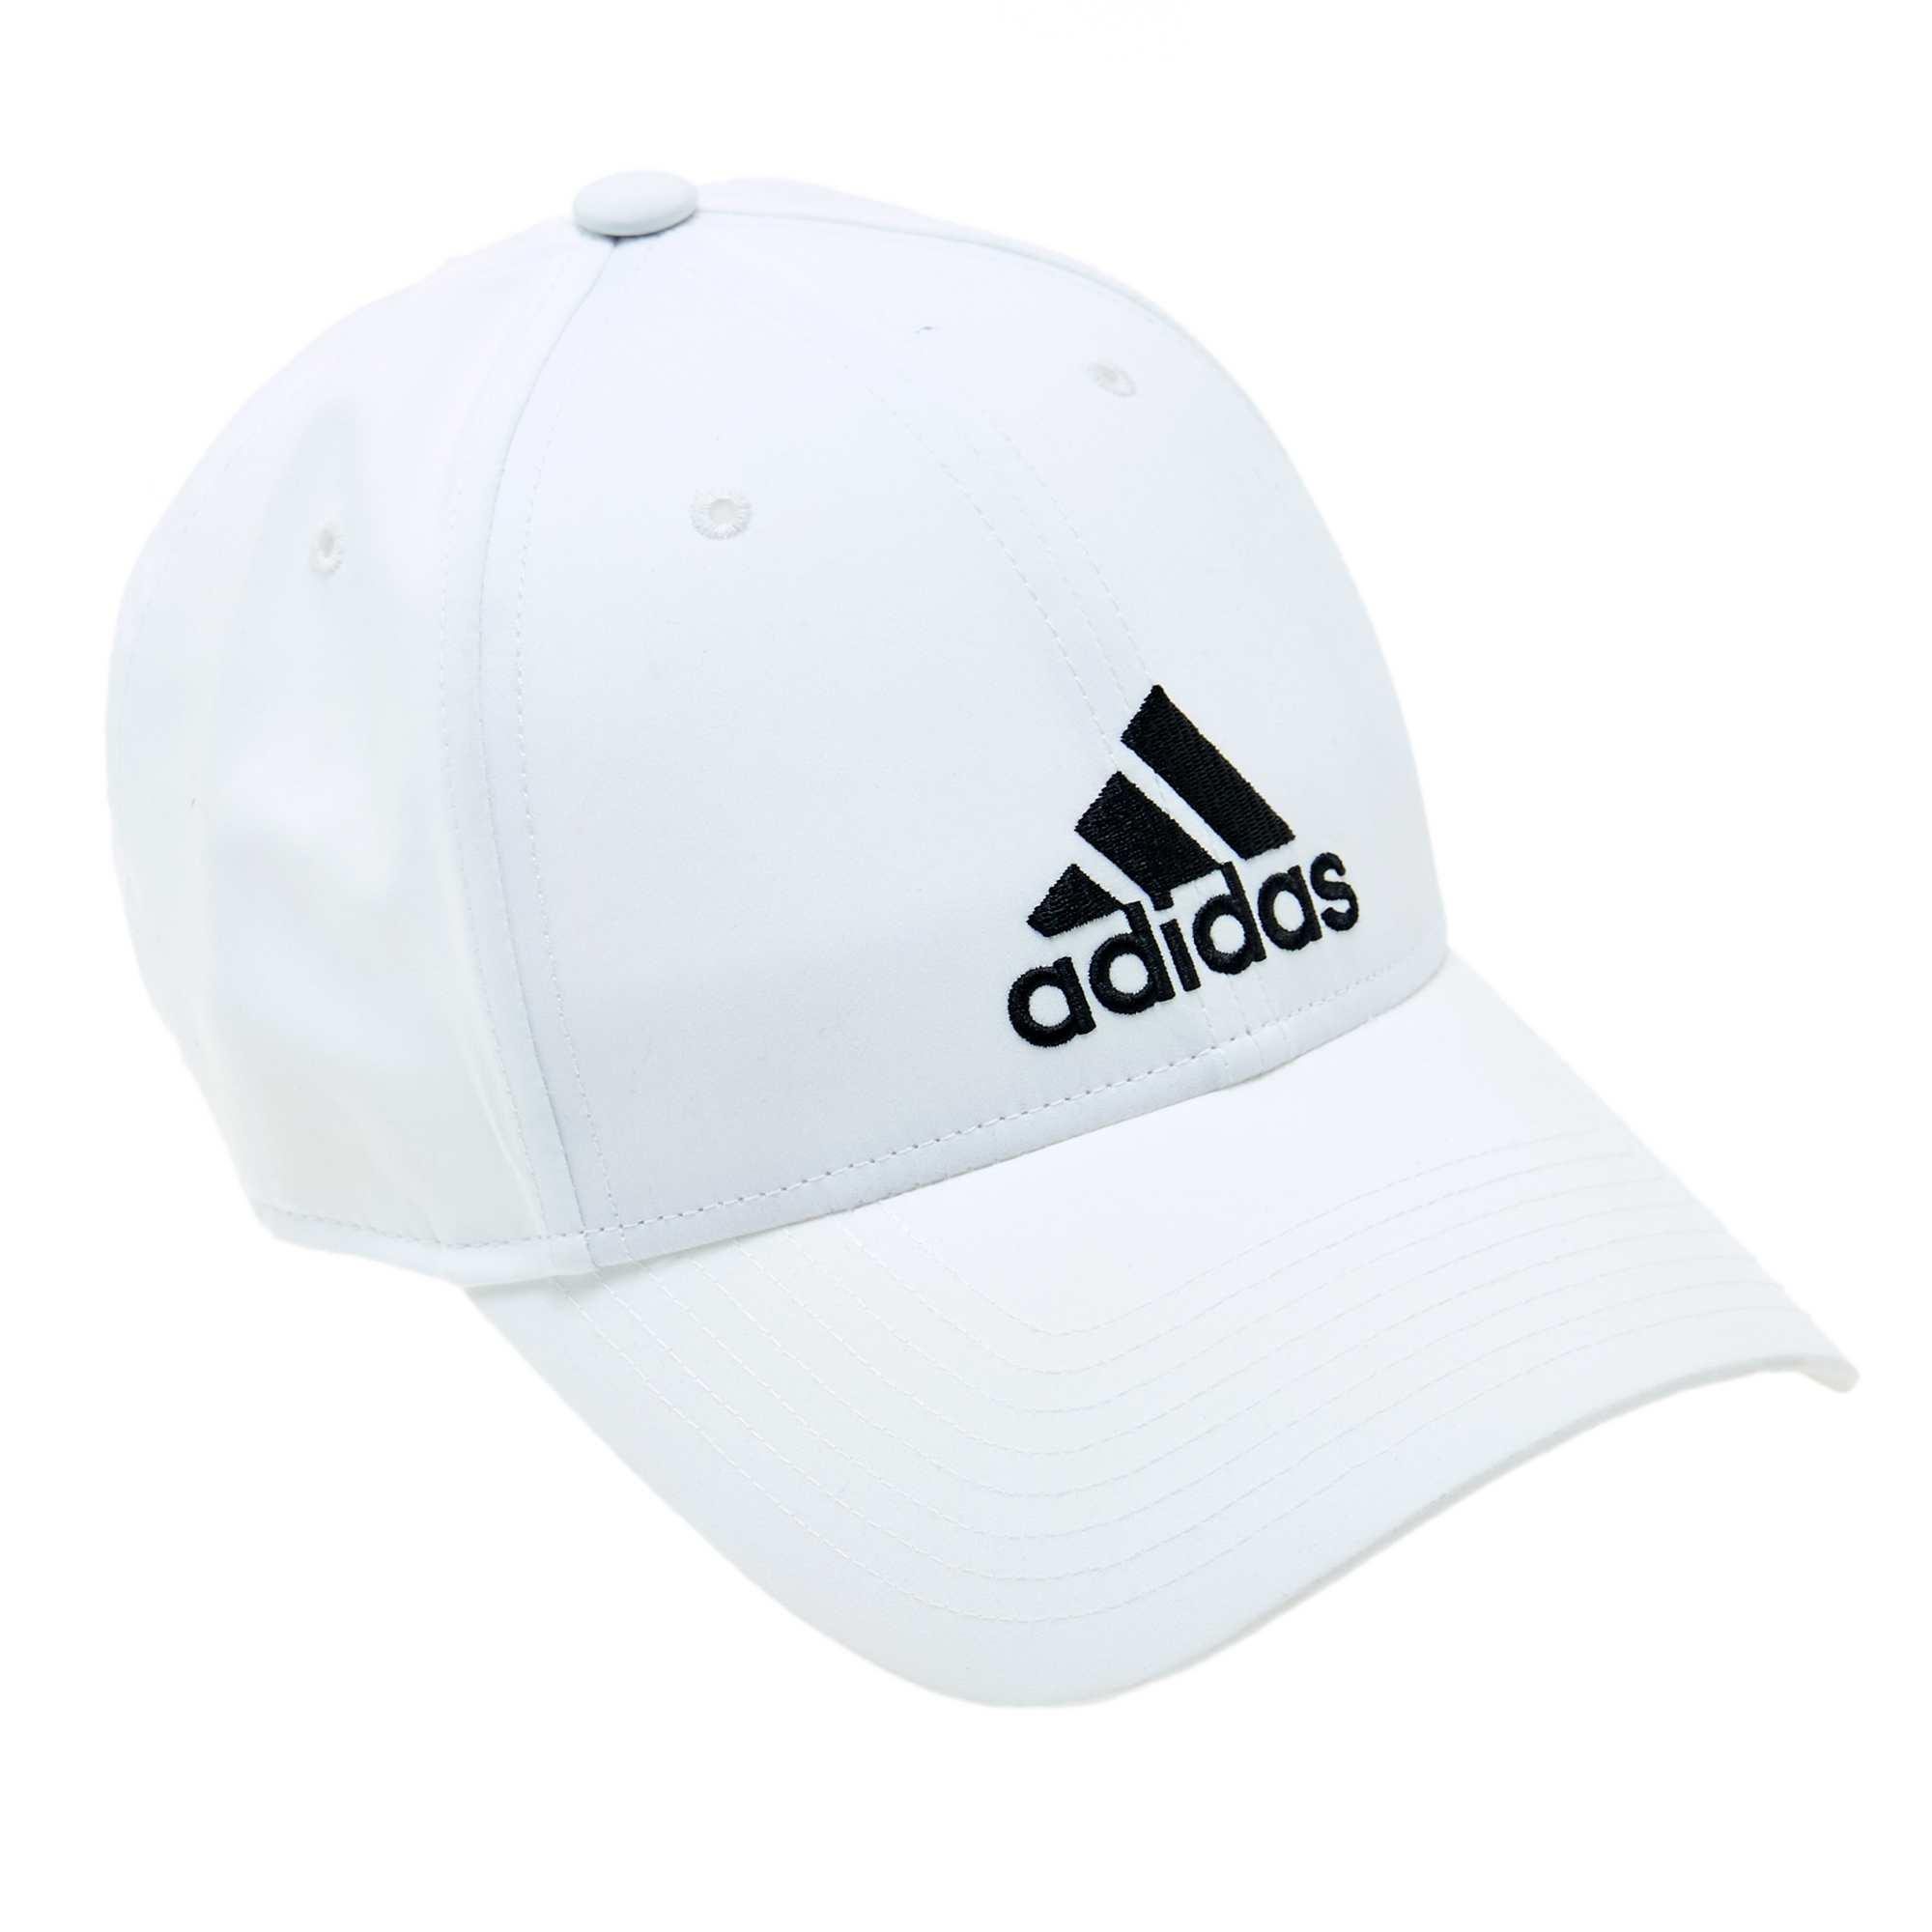 gorras adidas blanca y negra